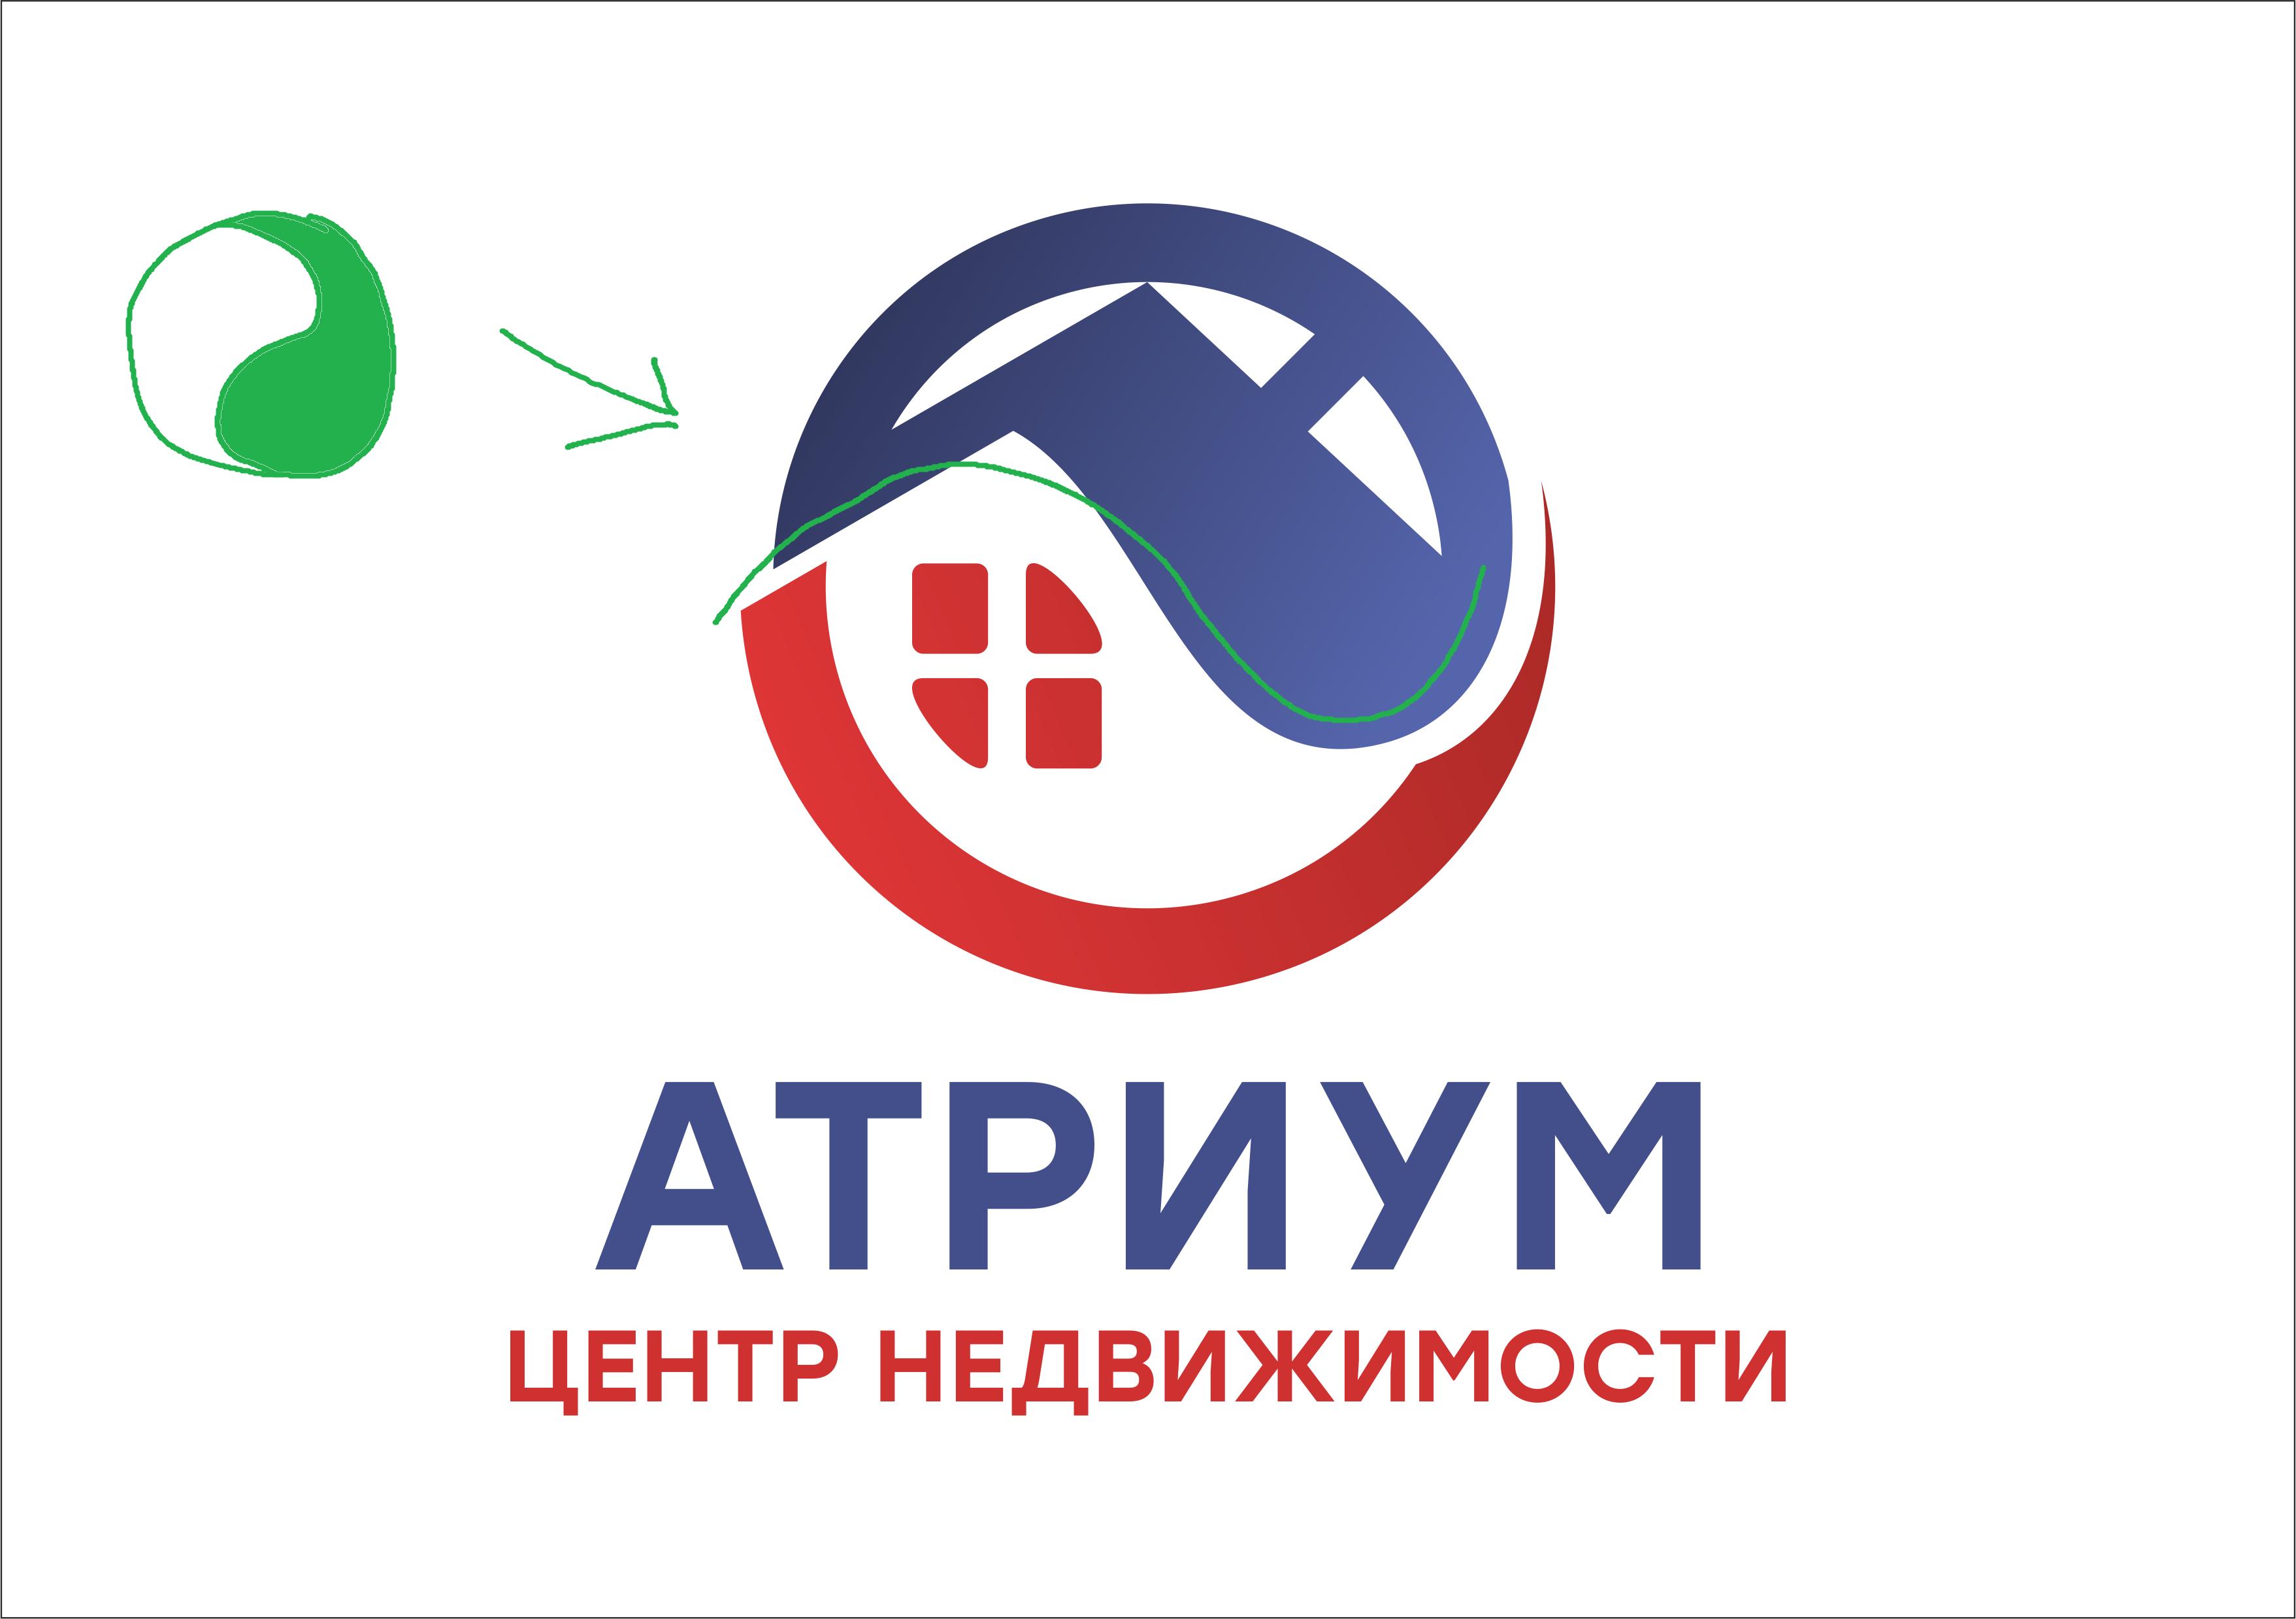 Редизайн / модернизация логотипа Центра недвижимости фото f_8935bc0cb187d8af.png